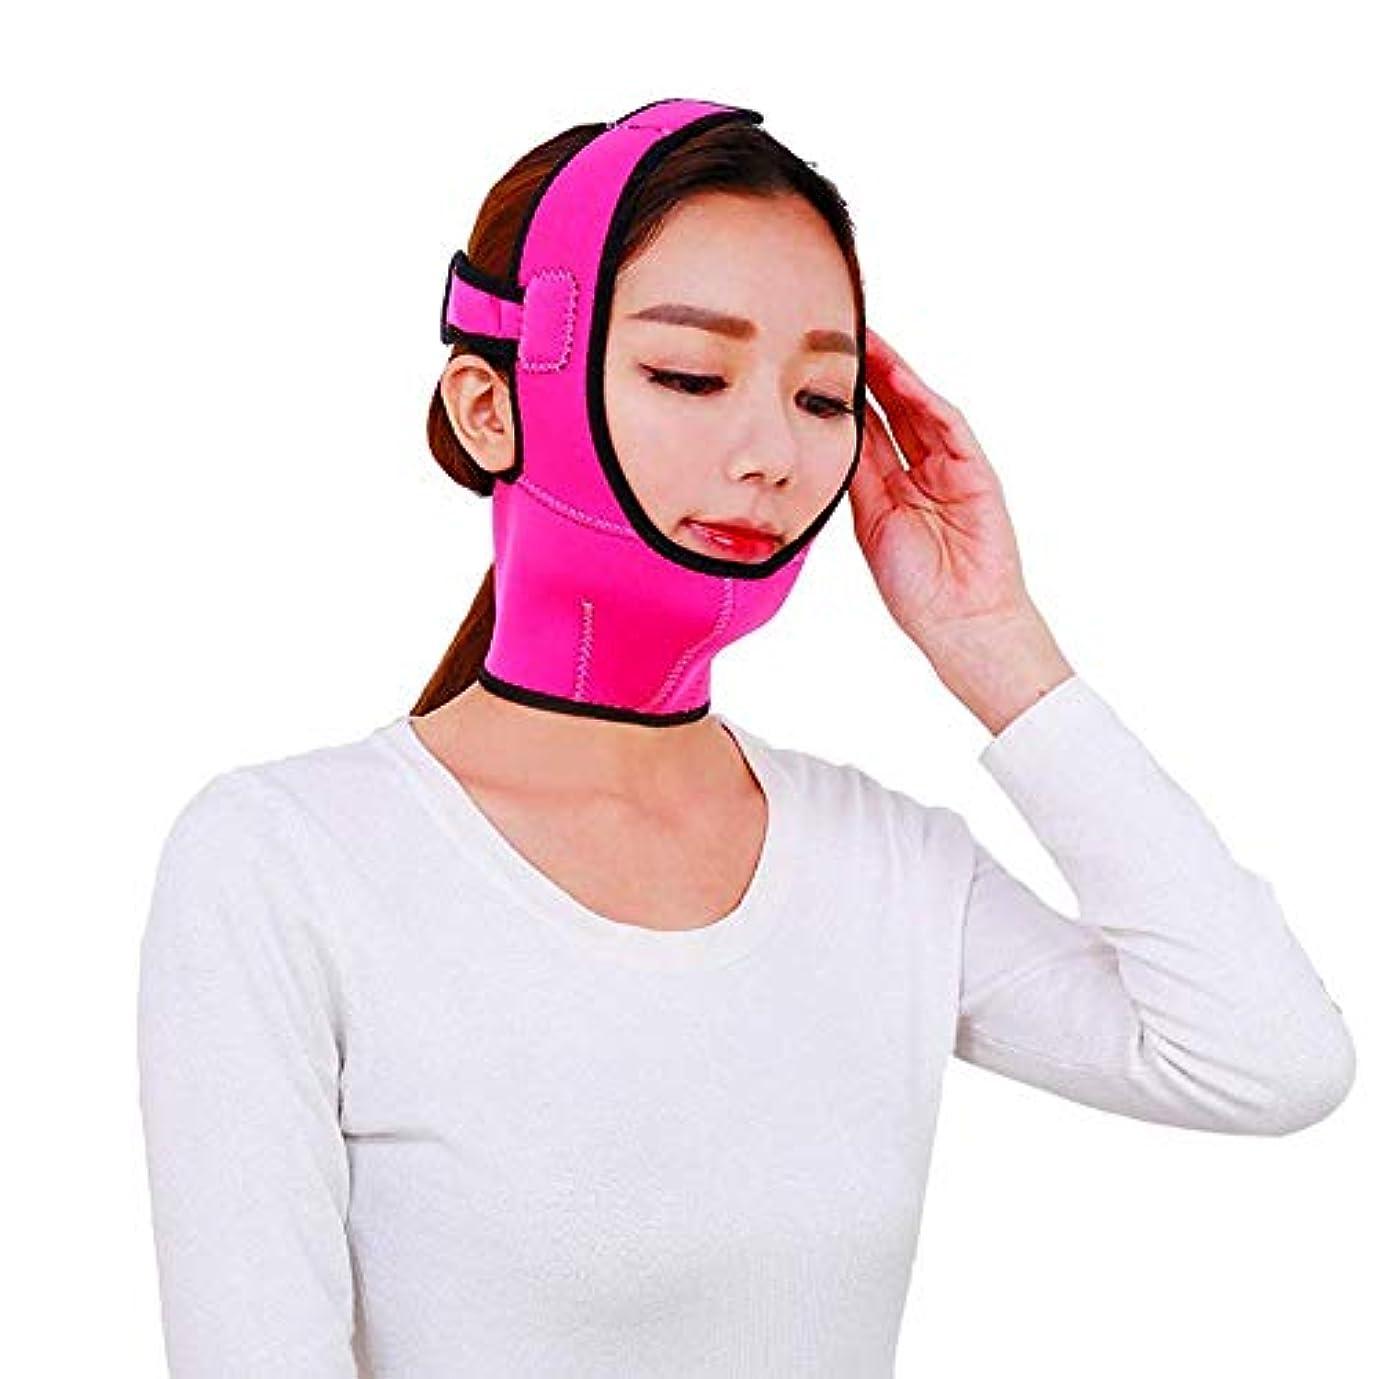 落とし穴作ります今日二重あごの顔の持ち上がるマスクVfaceの顔の小さい顔の持ち上がる用具をきつく締める通気性の顔の持ち上がる包帯